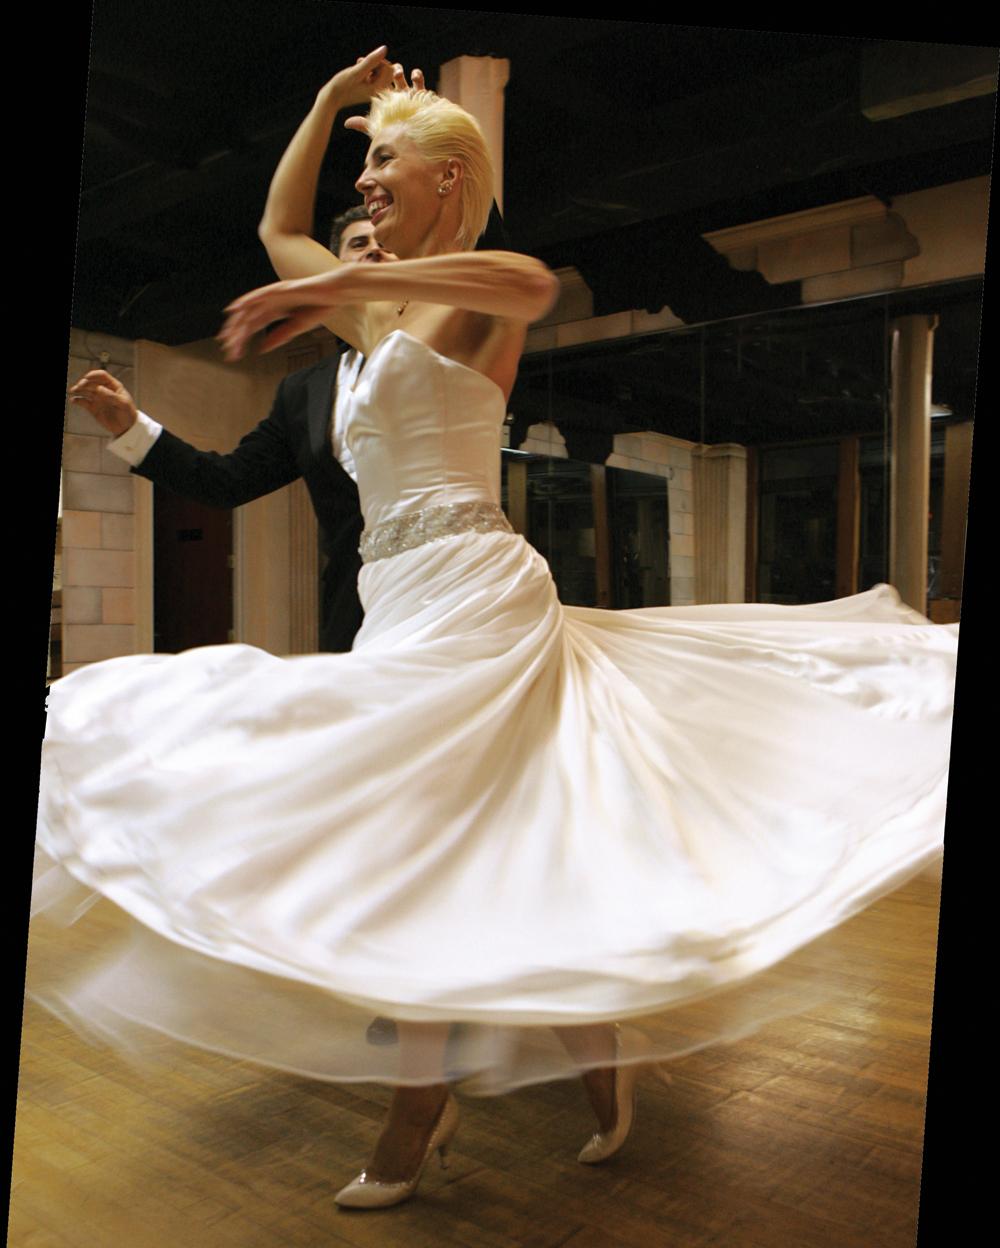 Dance Instructor Karen McDonald, on the Dancefloor